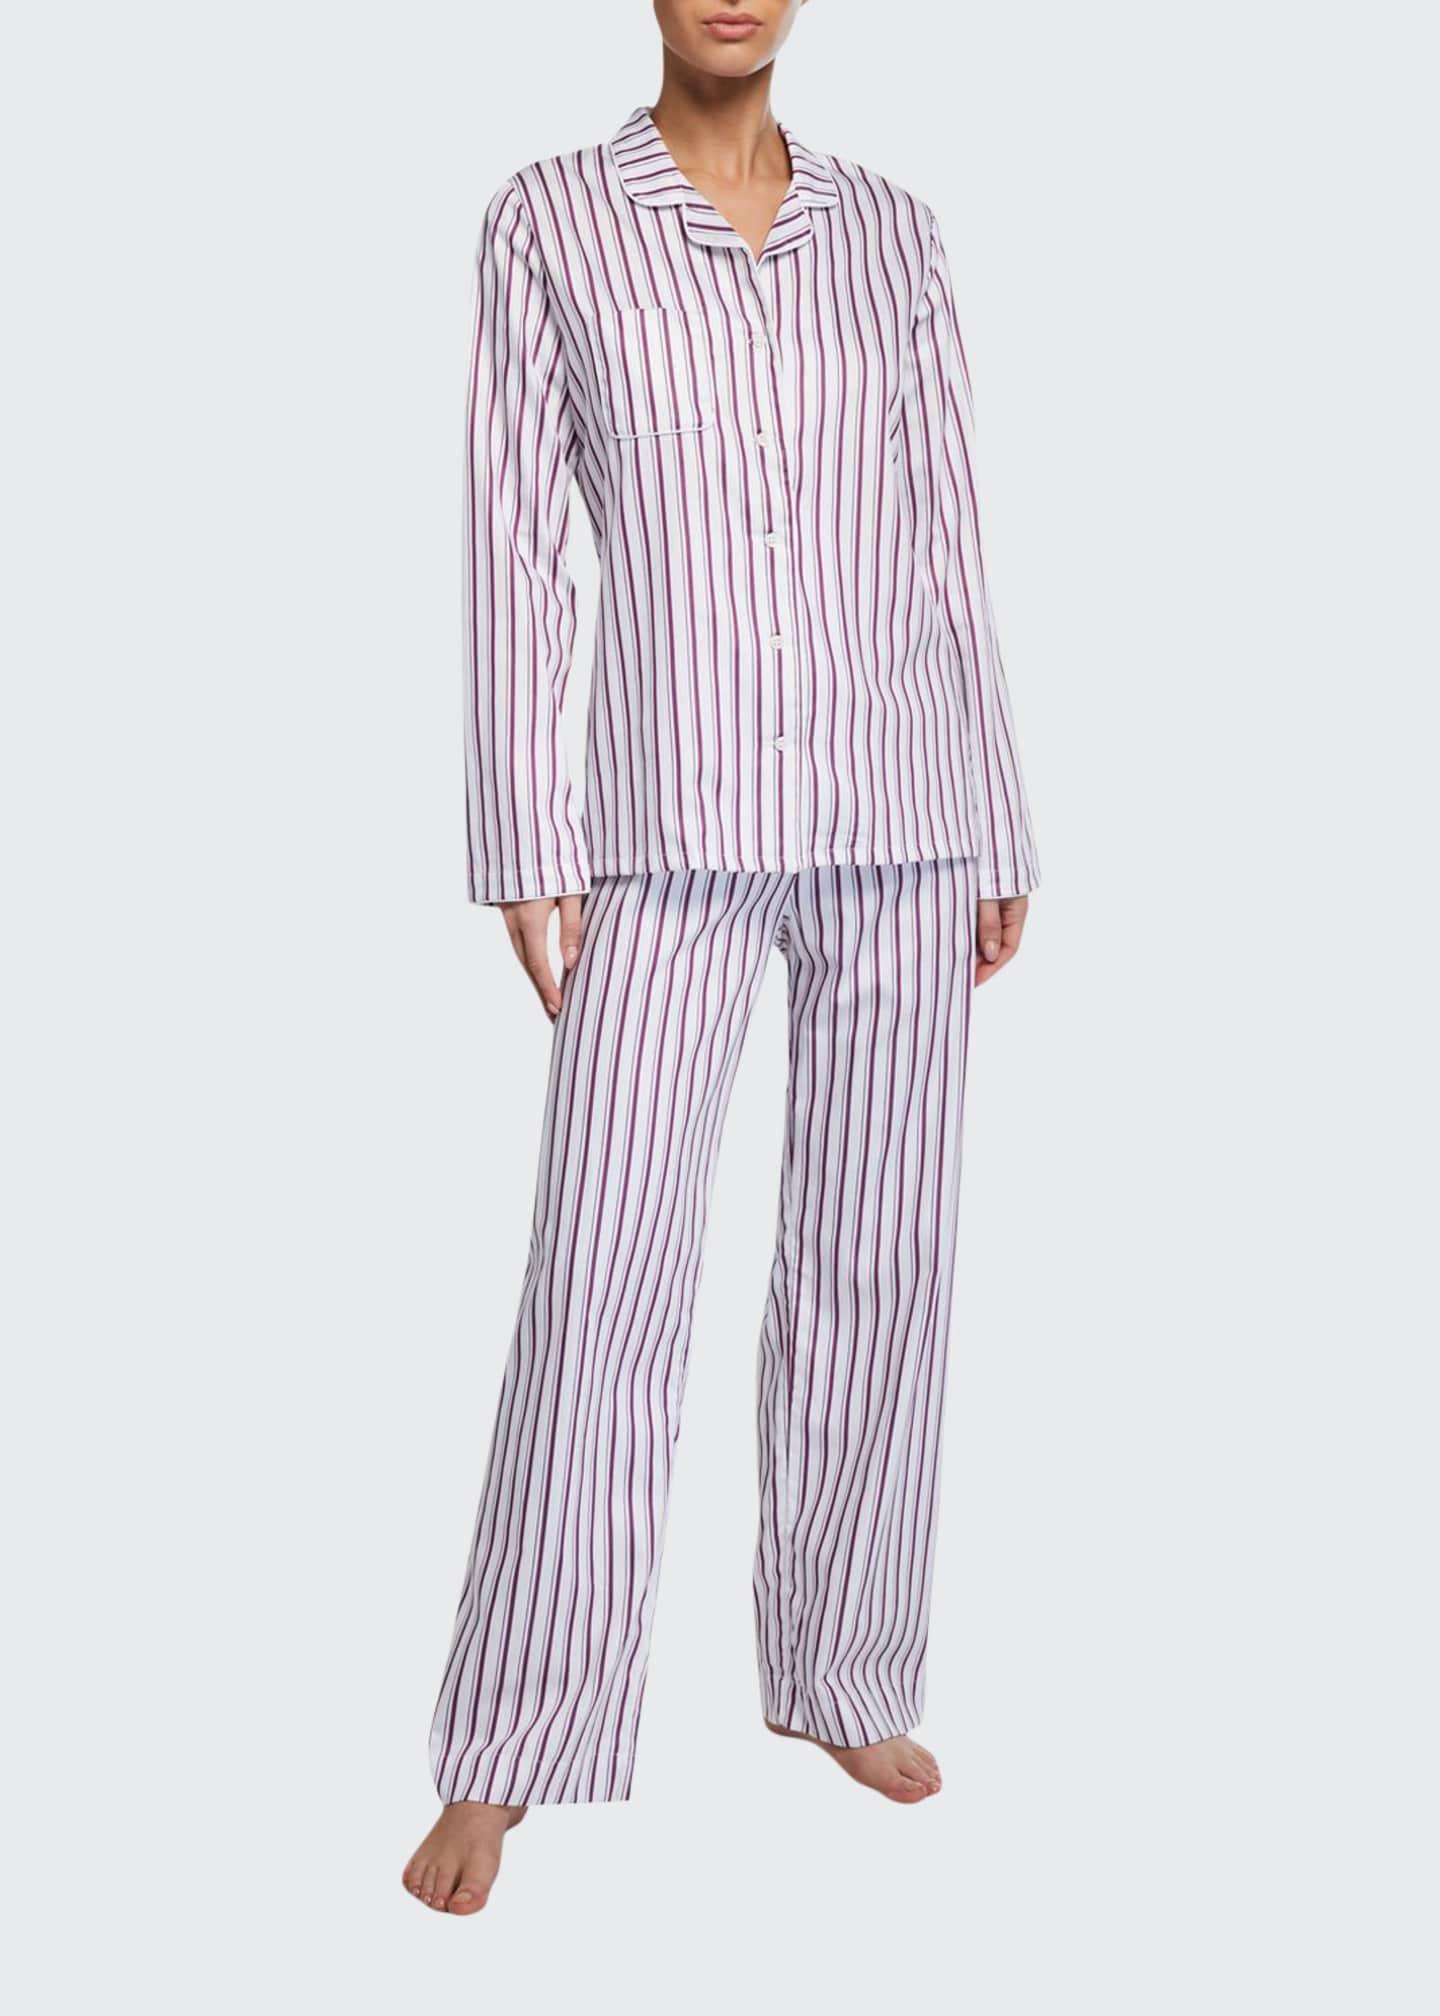 Derek Rose Milly Striped Classic Pajama Set